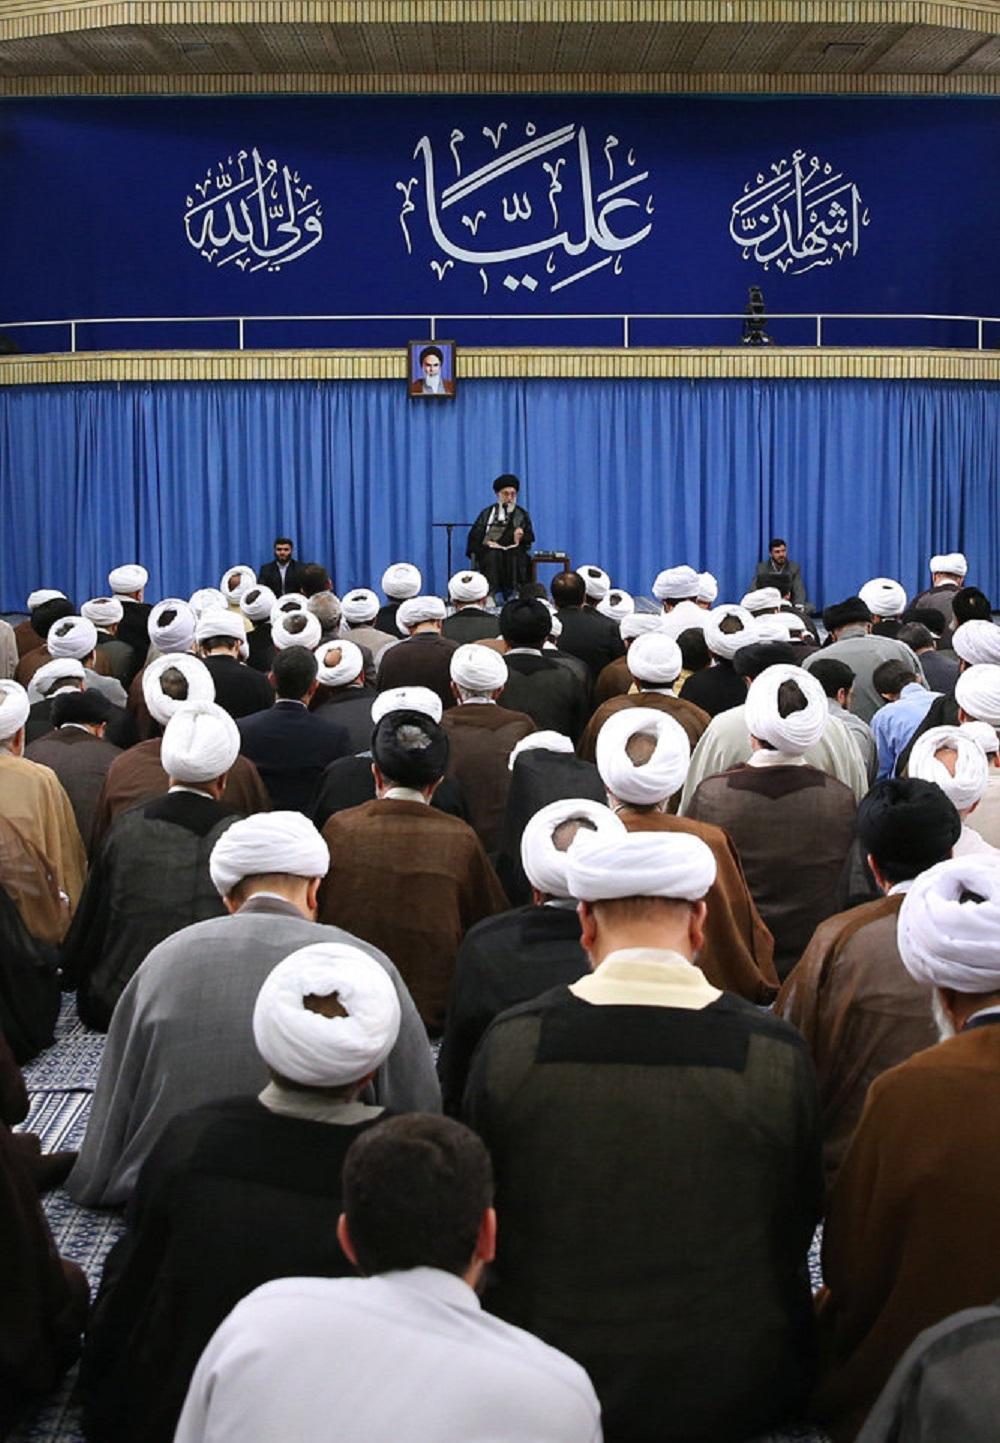 تصاویر / جلسه درس خارج فقه مقام معظم رهبری